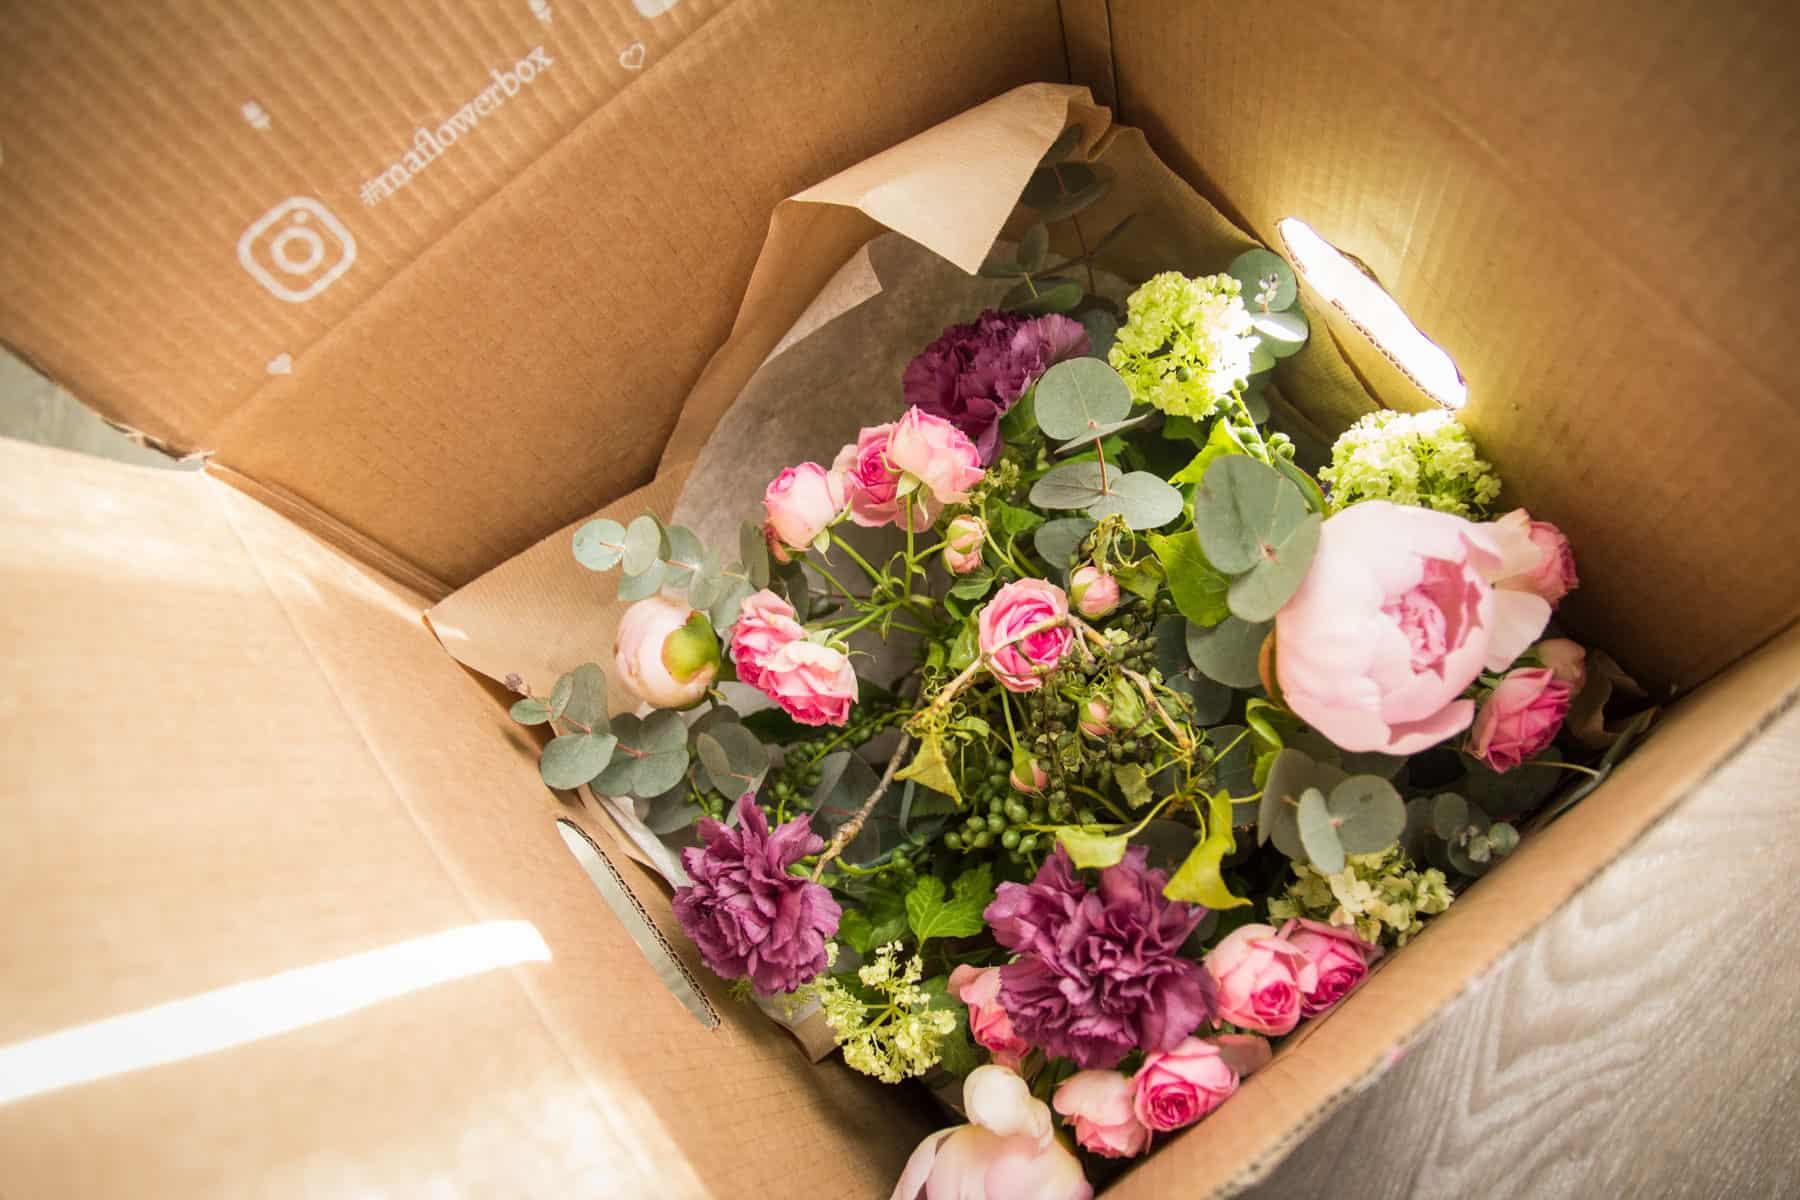 ma flower box - avril 2017 - la box du mois : avis et tests de box